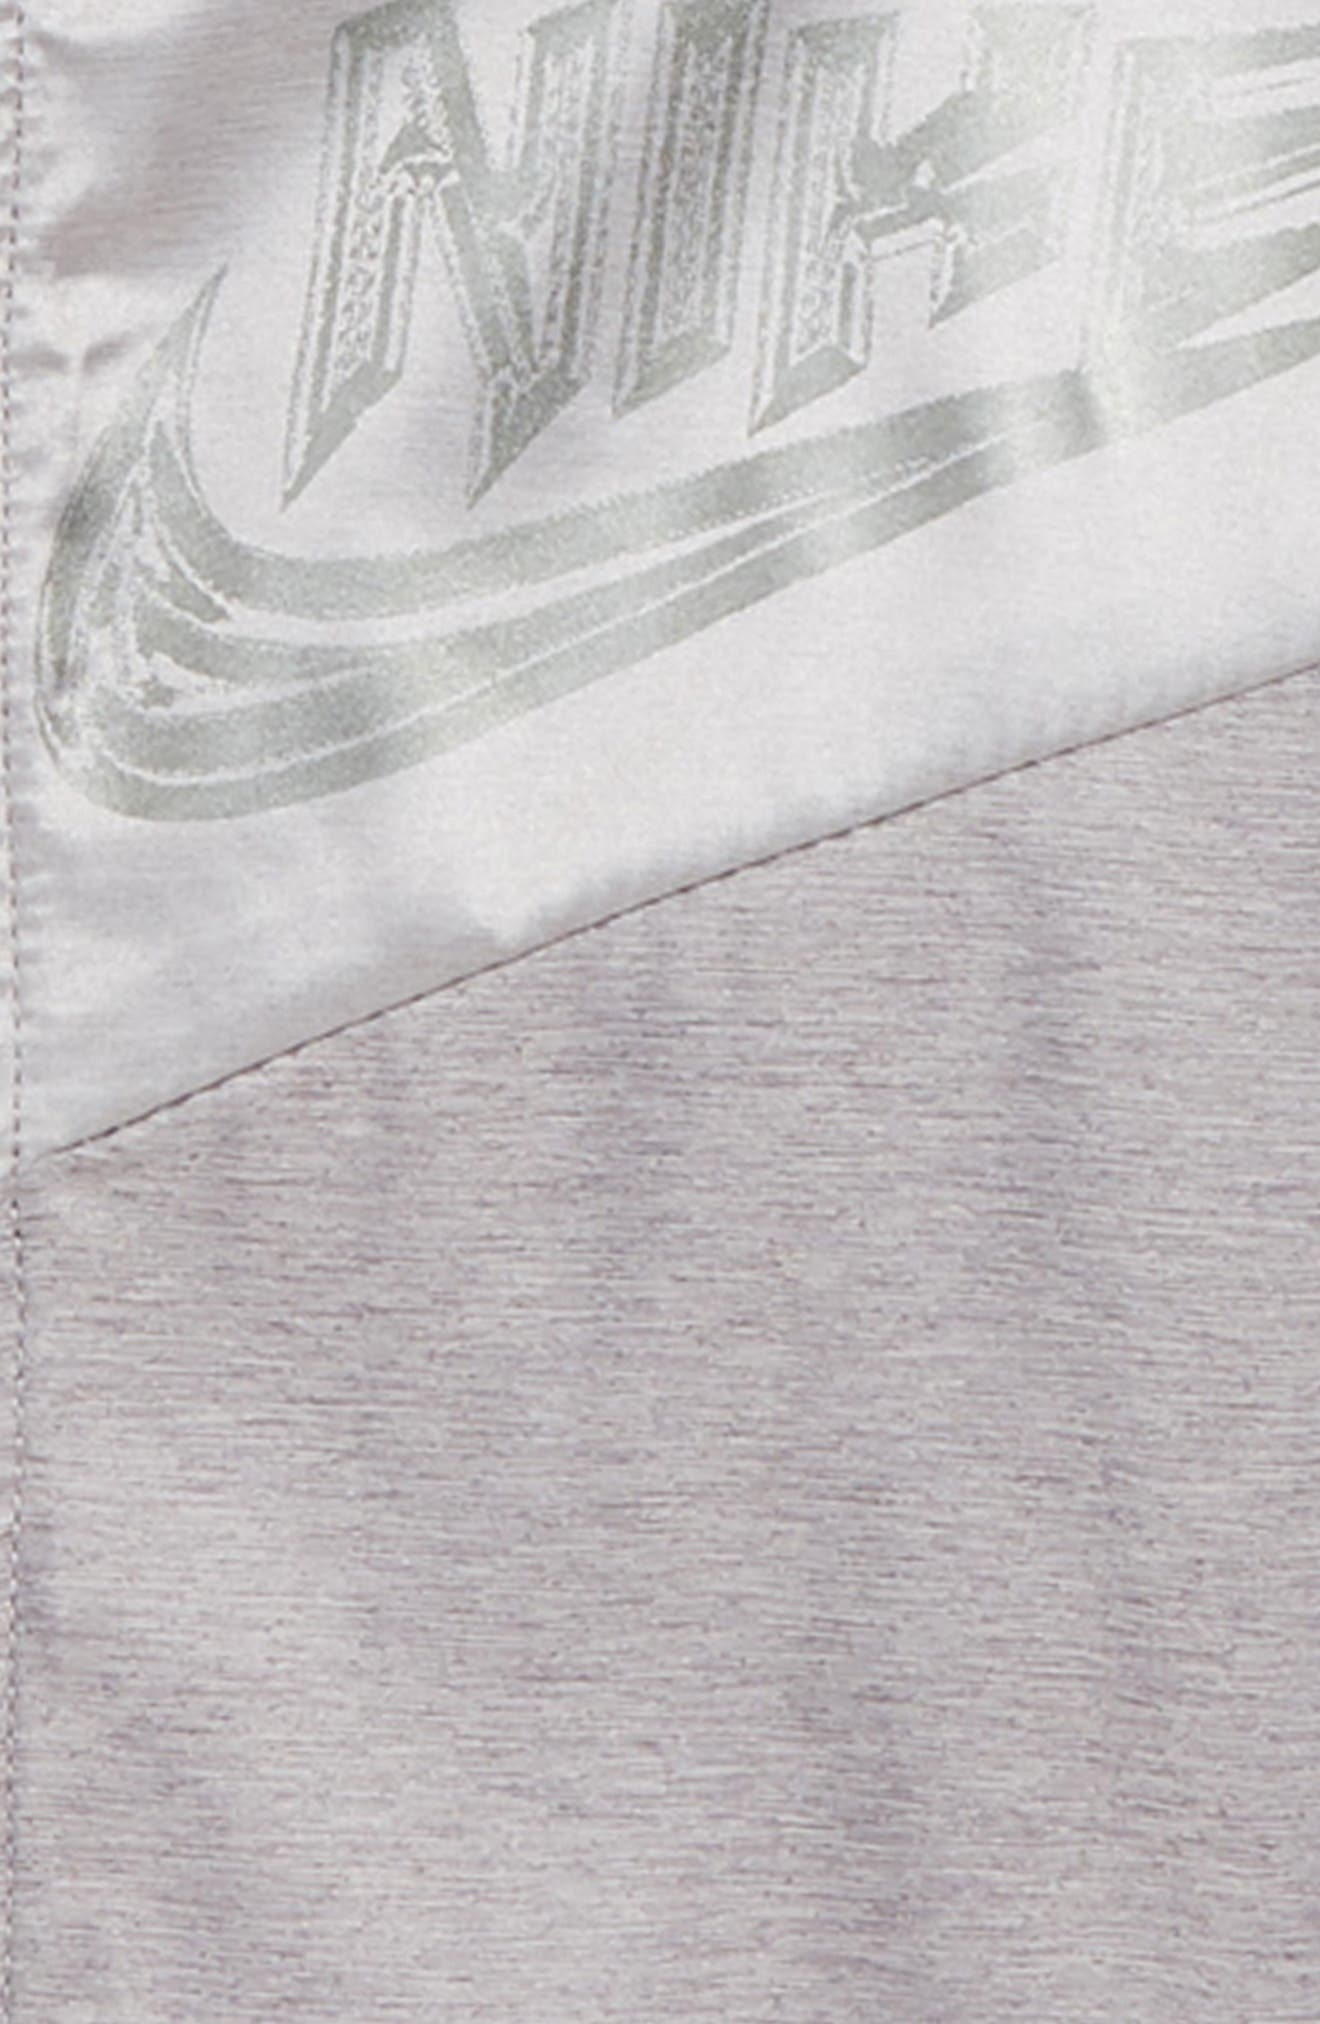 NIKE,                             Sportswear Windrunner Jacket,                             Alternate thumbnail 2, color,                             GUNSMOKE